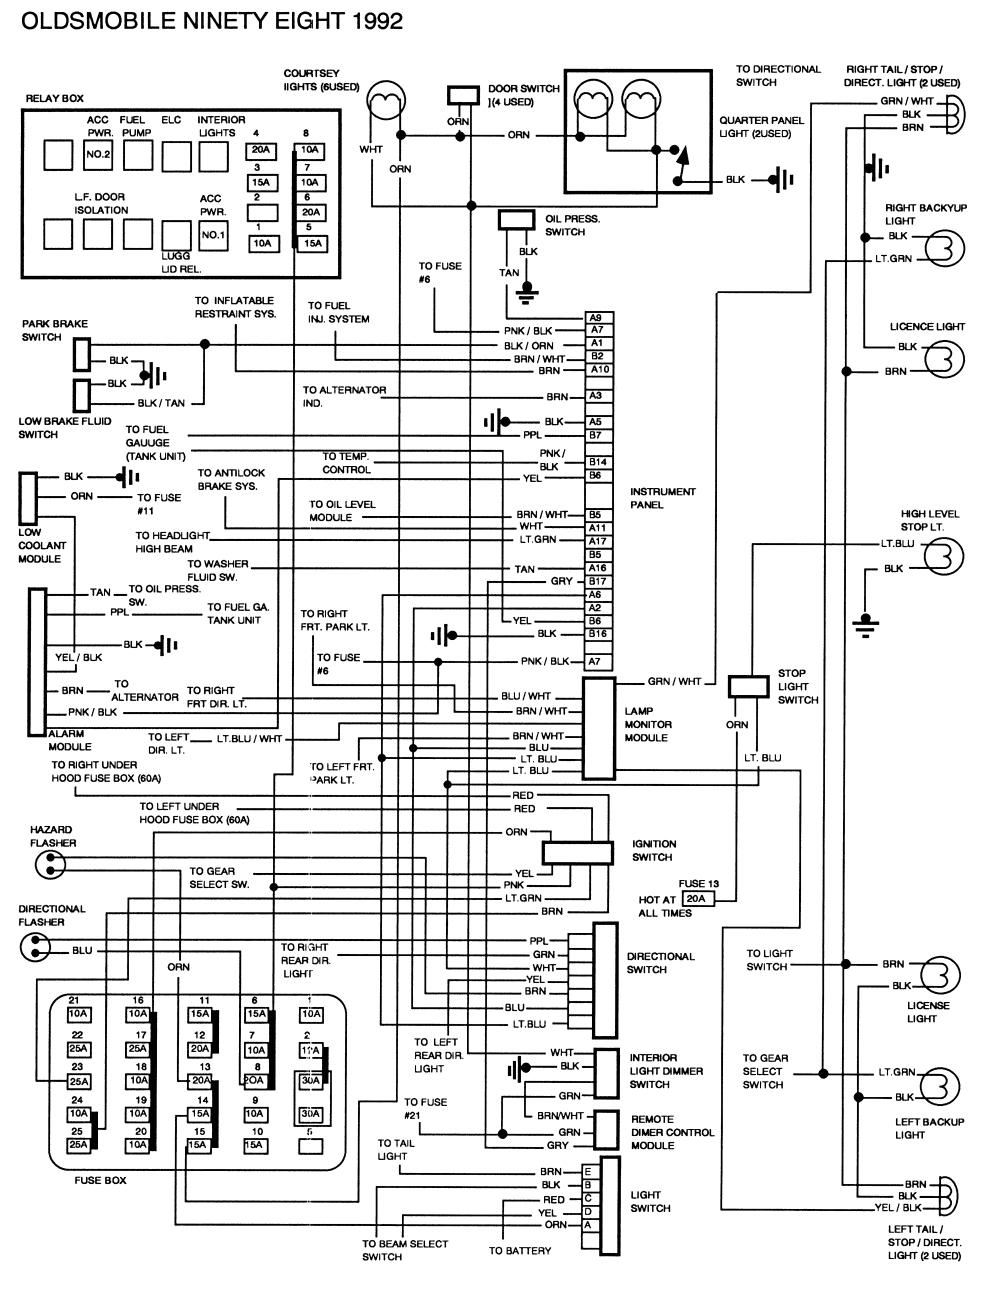 wiring diagram for vintage shasta c er wiring diagram article review wiring diagram for vintage shasta c er